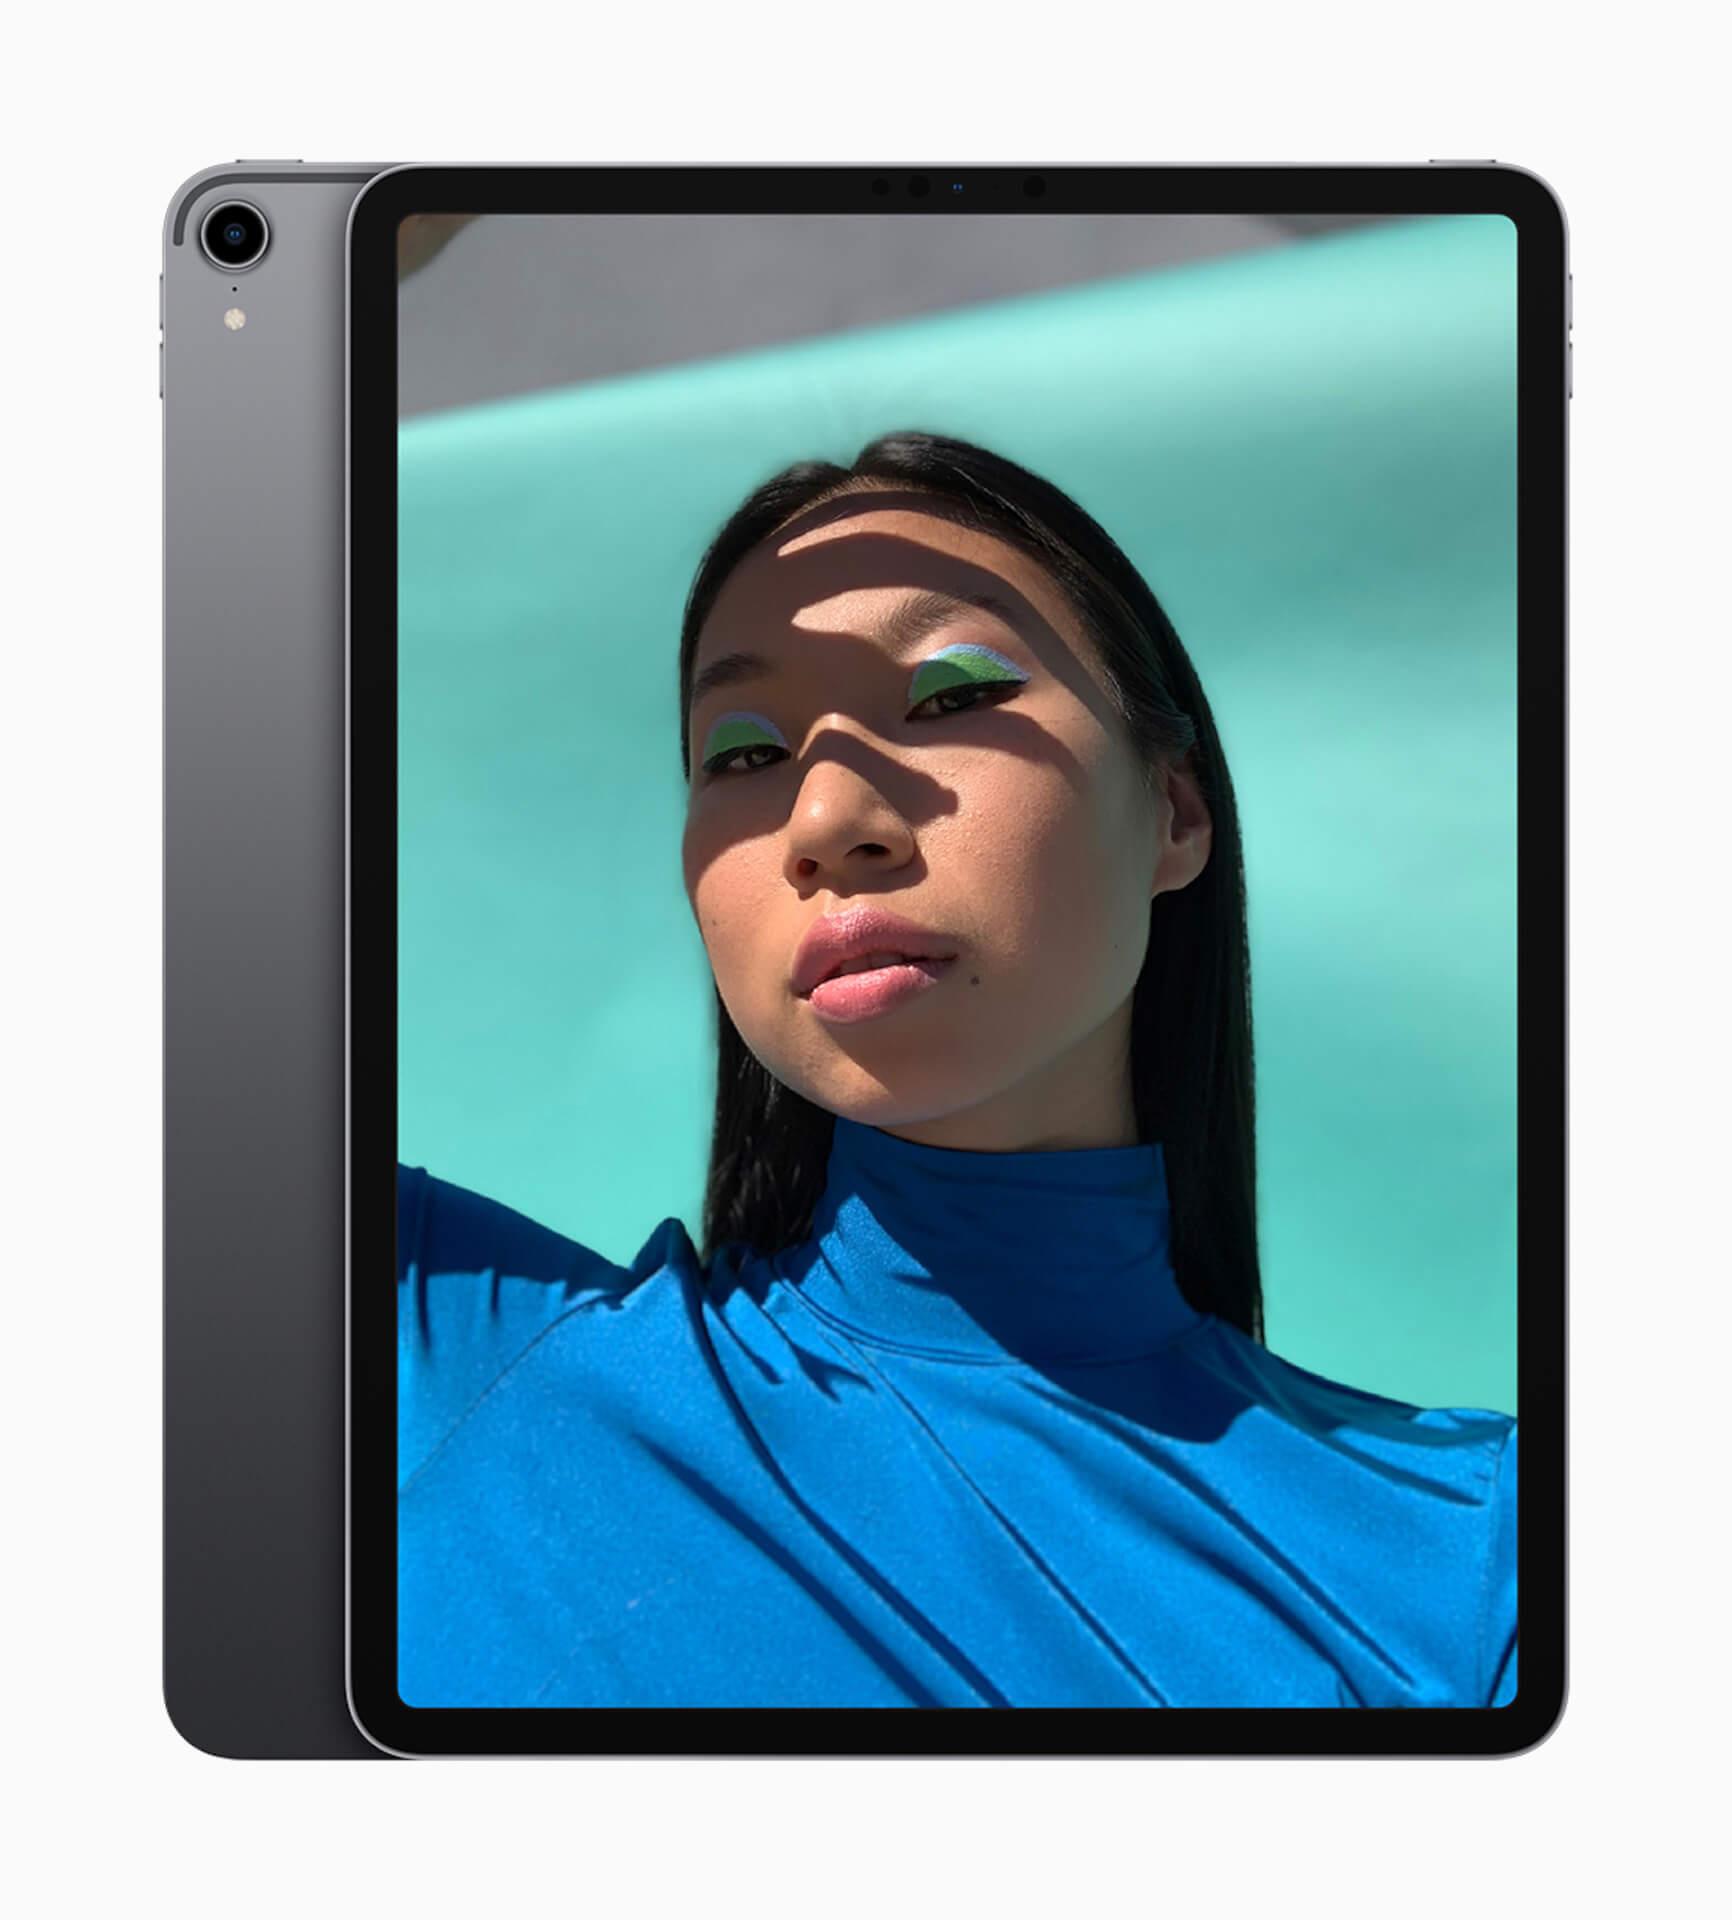 来年登場とうわさのiPad Airは、2018年発表のiPad Proと同じ? tech200424_ipadair_main